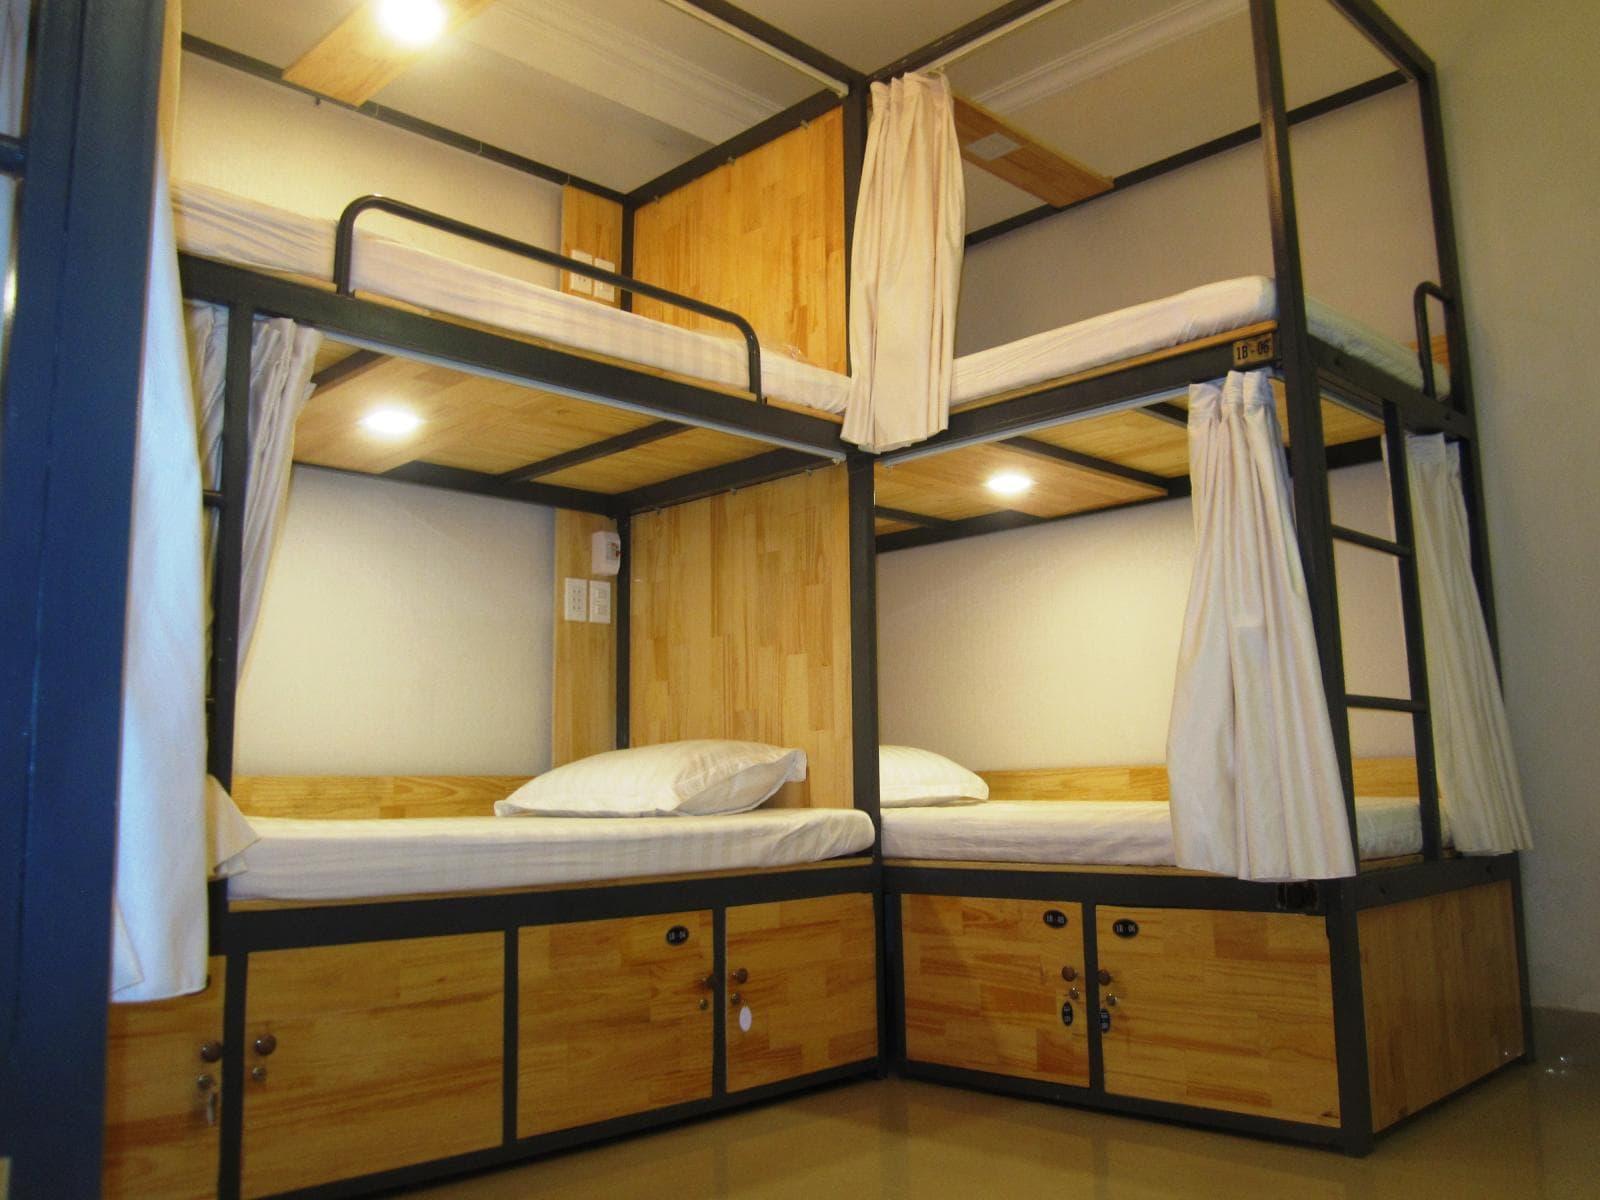 Các dạng phòng Dorm mới